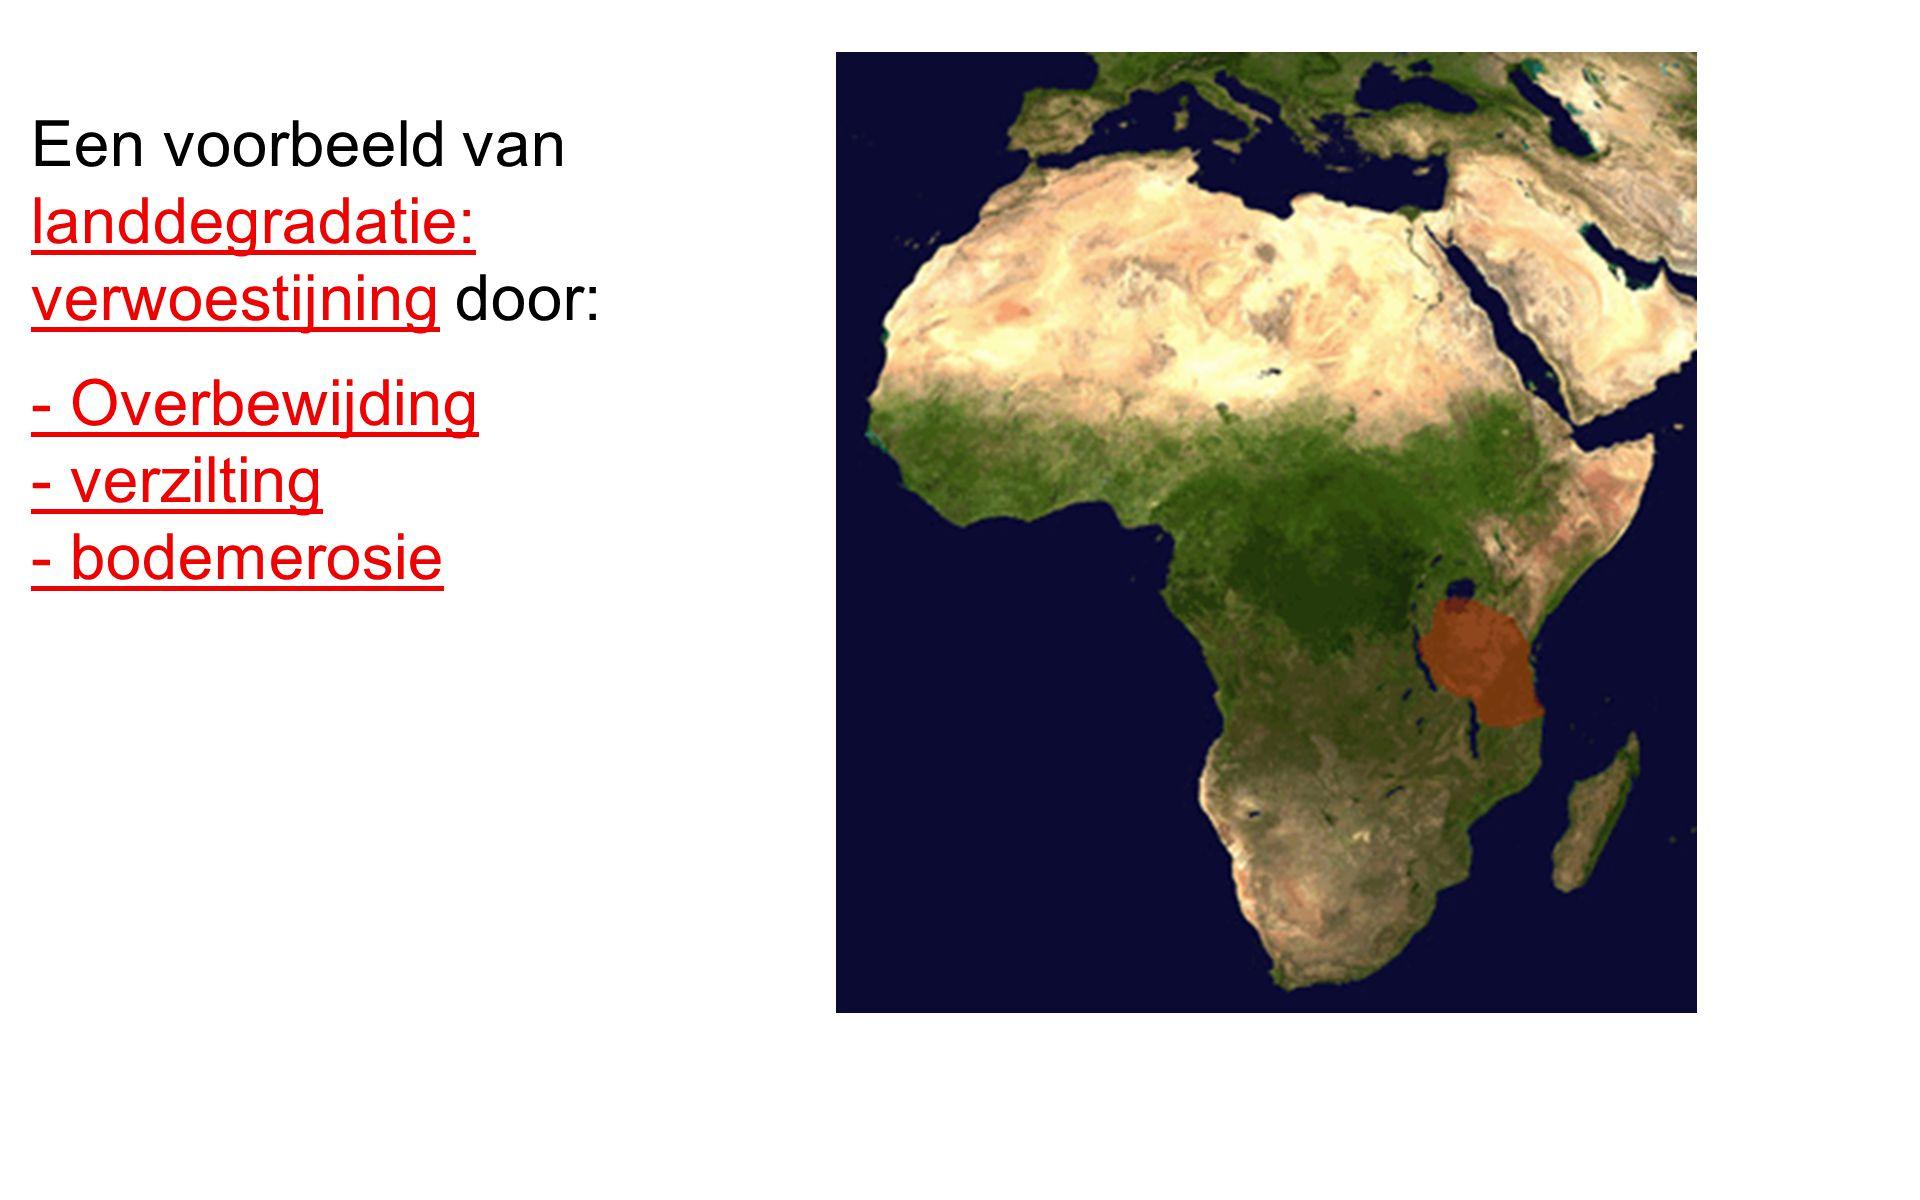 Een voorbeeld van landdegradatie: verwoestijning door: - Overbewijding - verzilting - bodemerosie